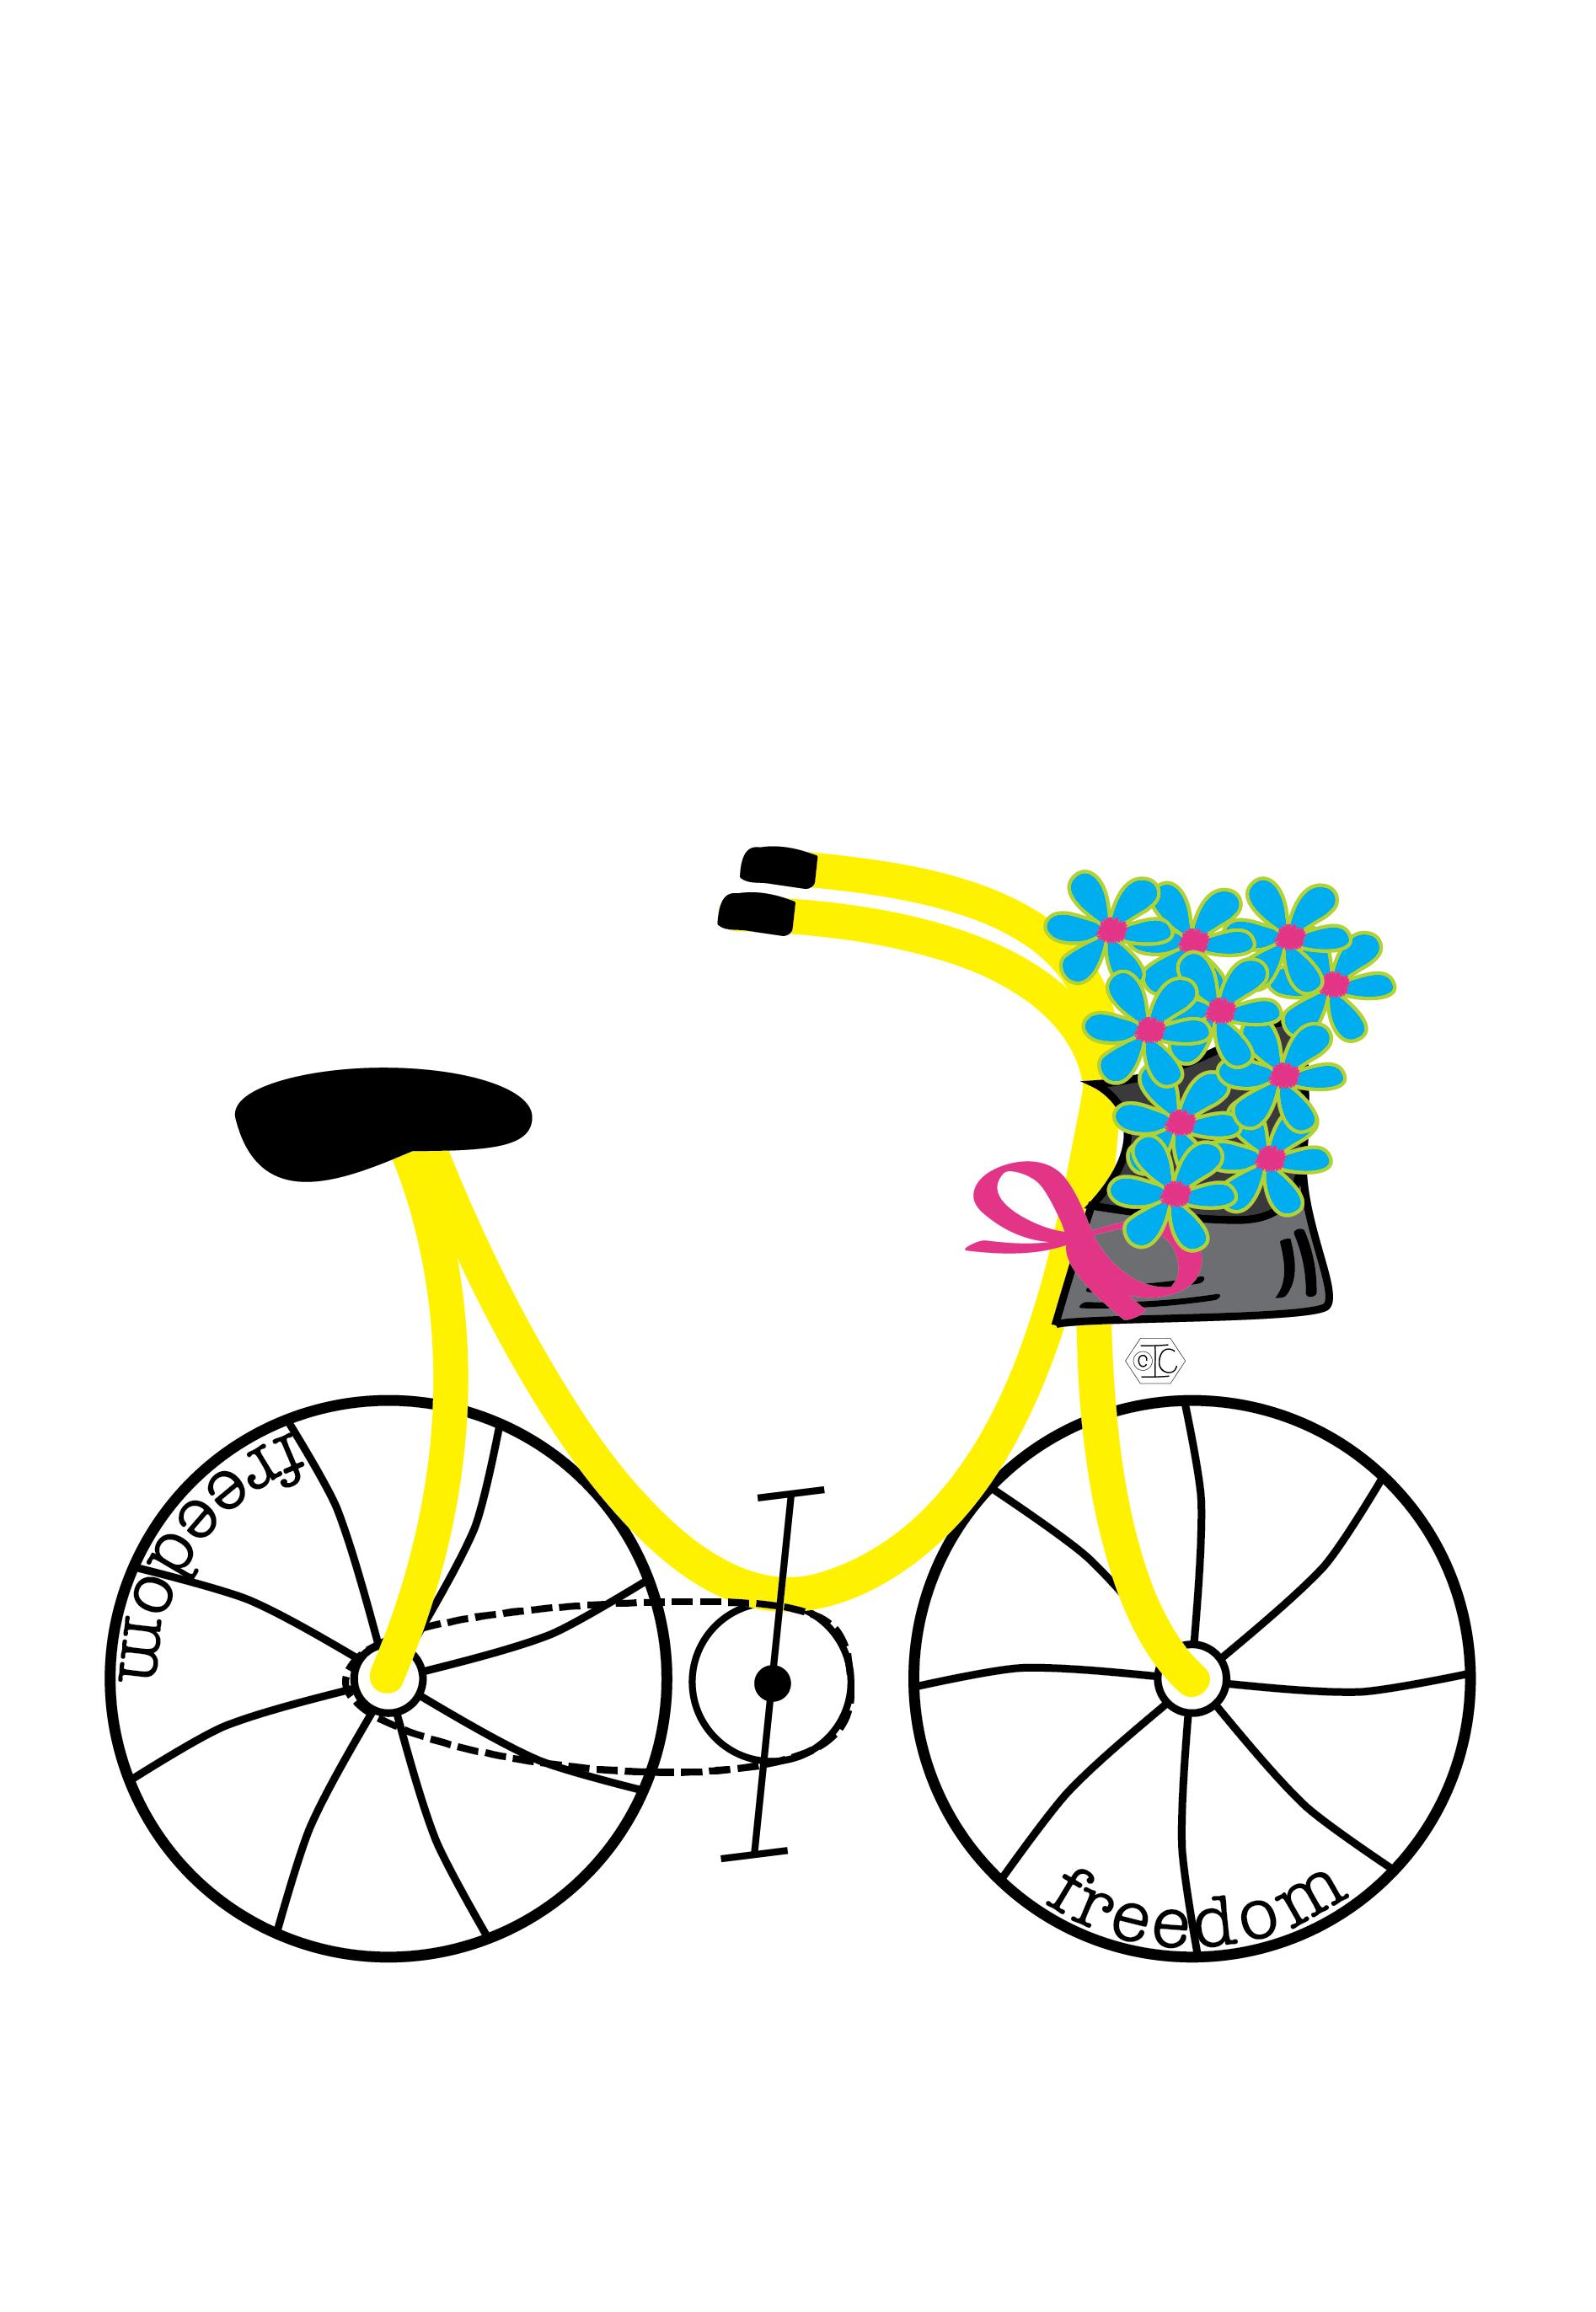 Bike_CARD 900x1300px.png